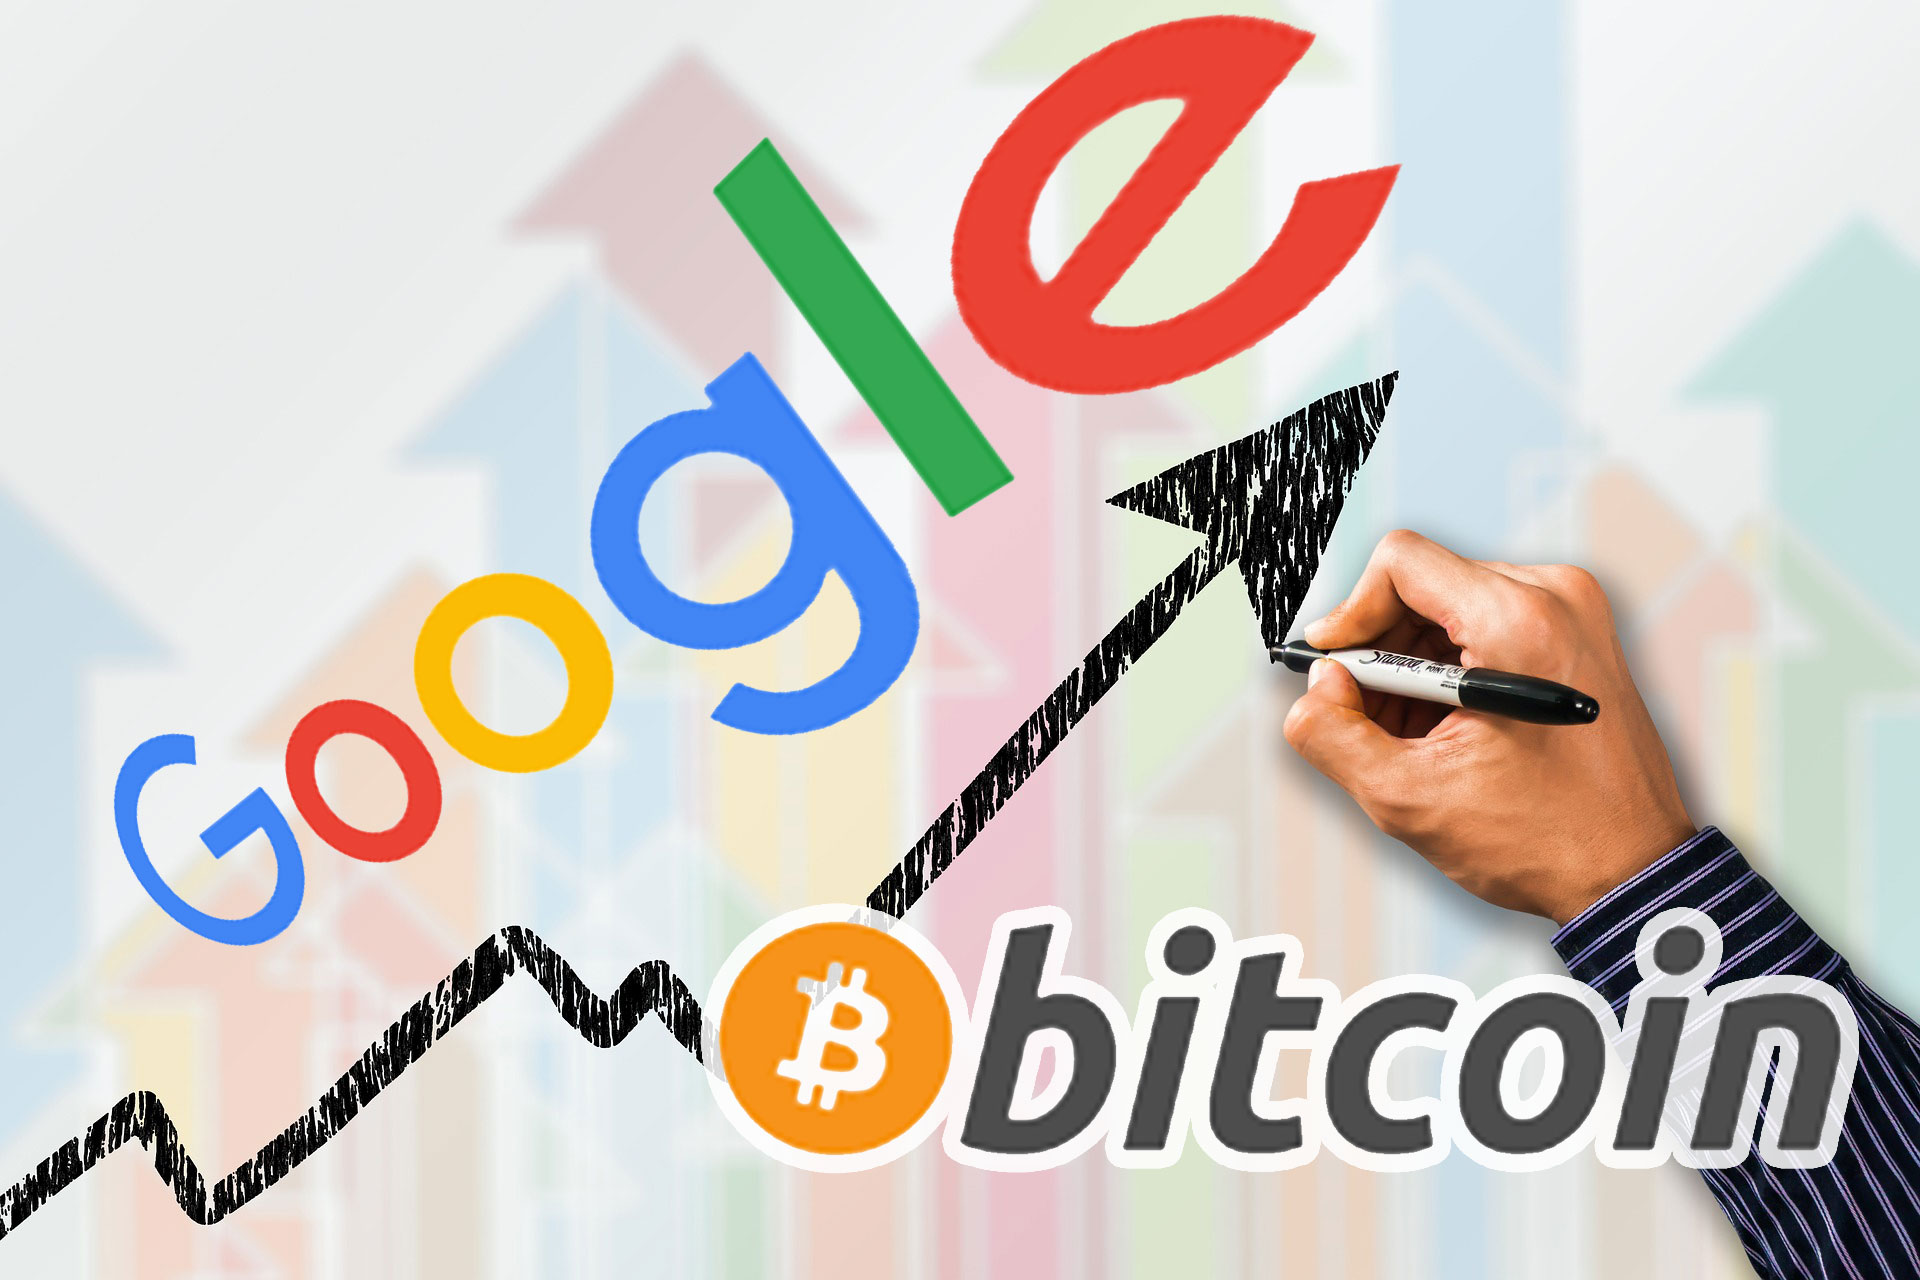 ビットコイン半減期への関心高まりGoogle検索急増、今後価格に影響か?